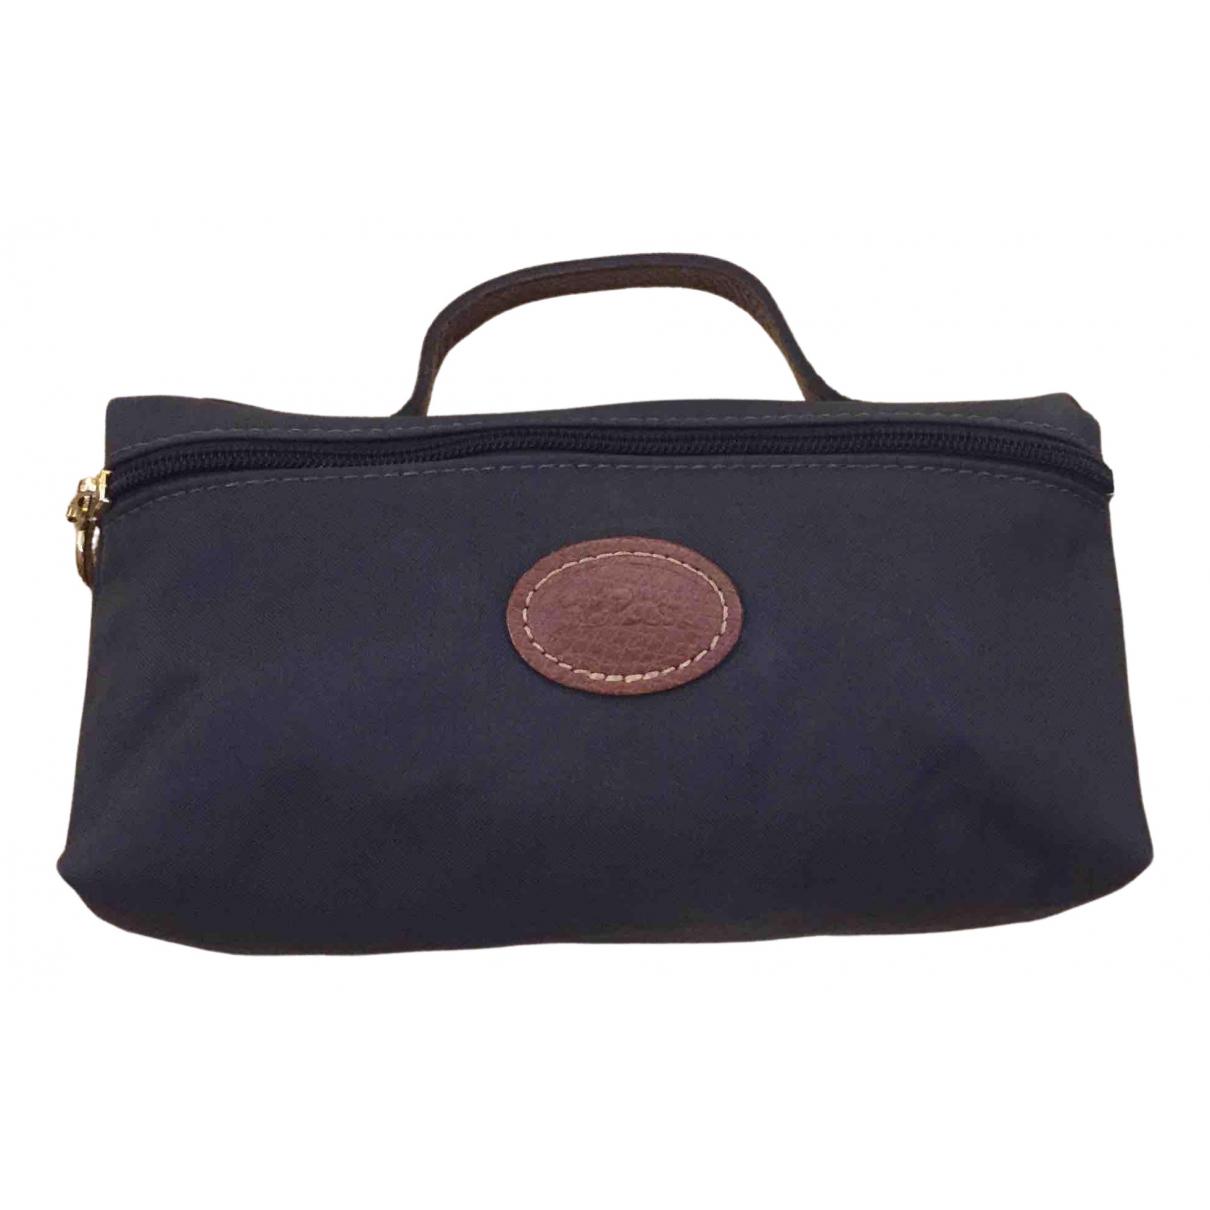 Longchamp \N Clutch in  Grau Polyester